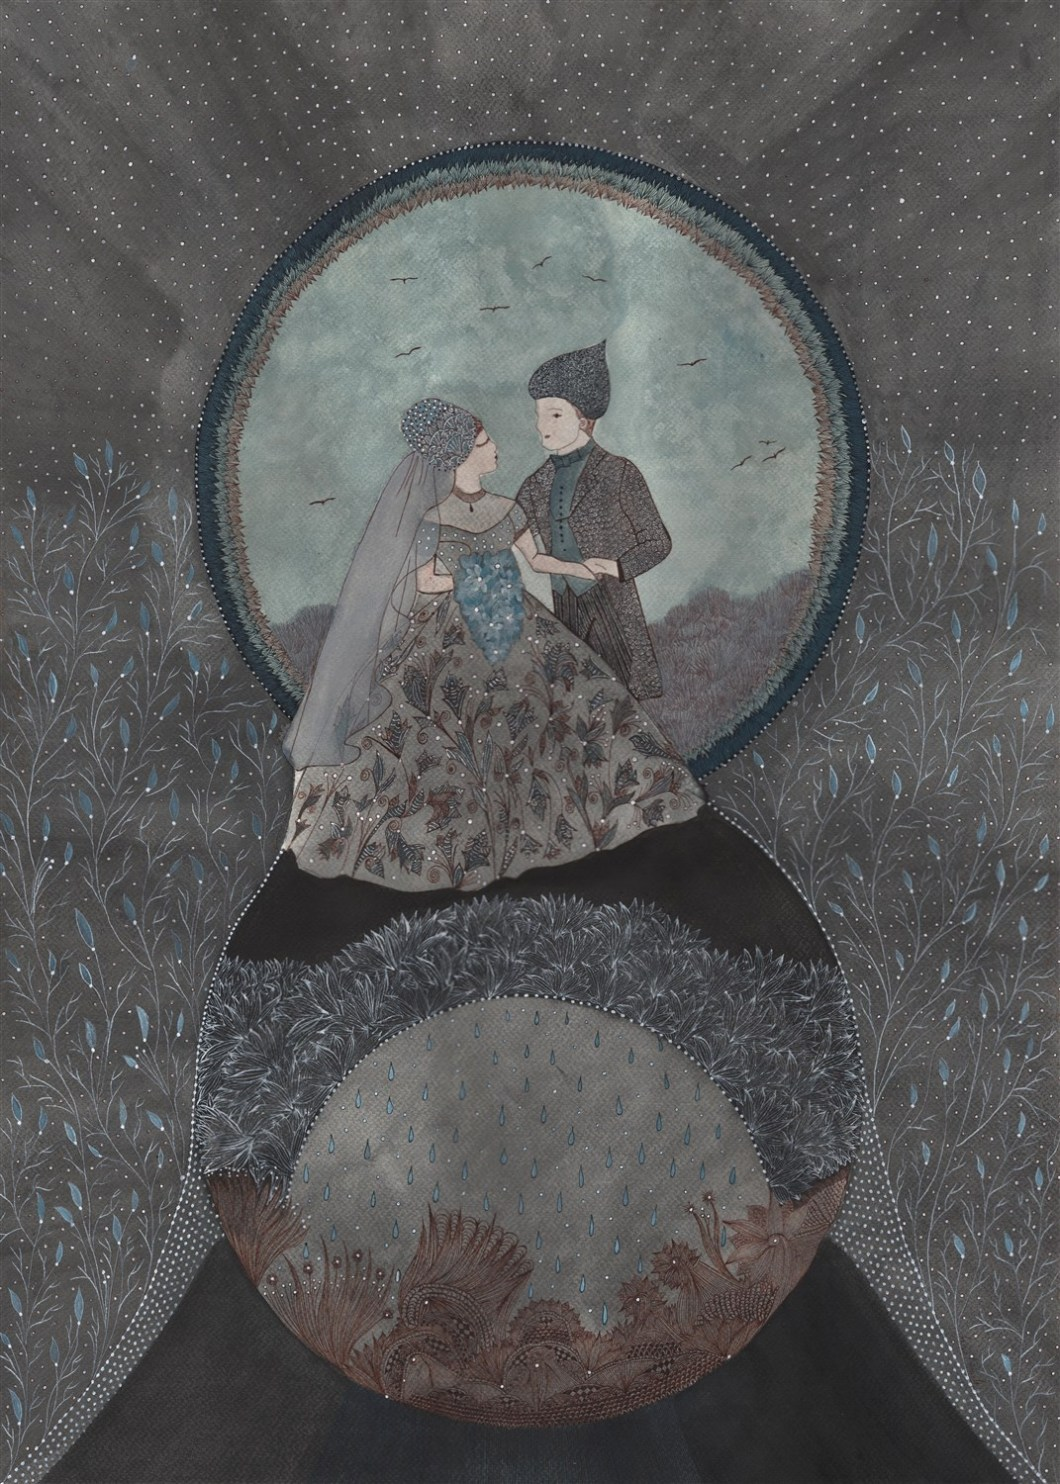 MARIES Aquarelle et encre de chine - 70 x 50 - 2016 (5)